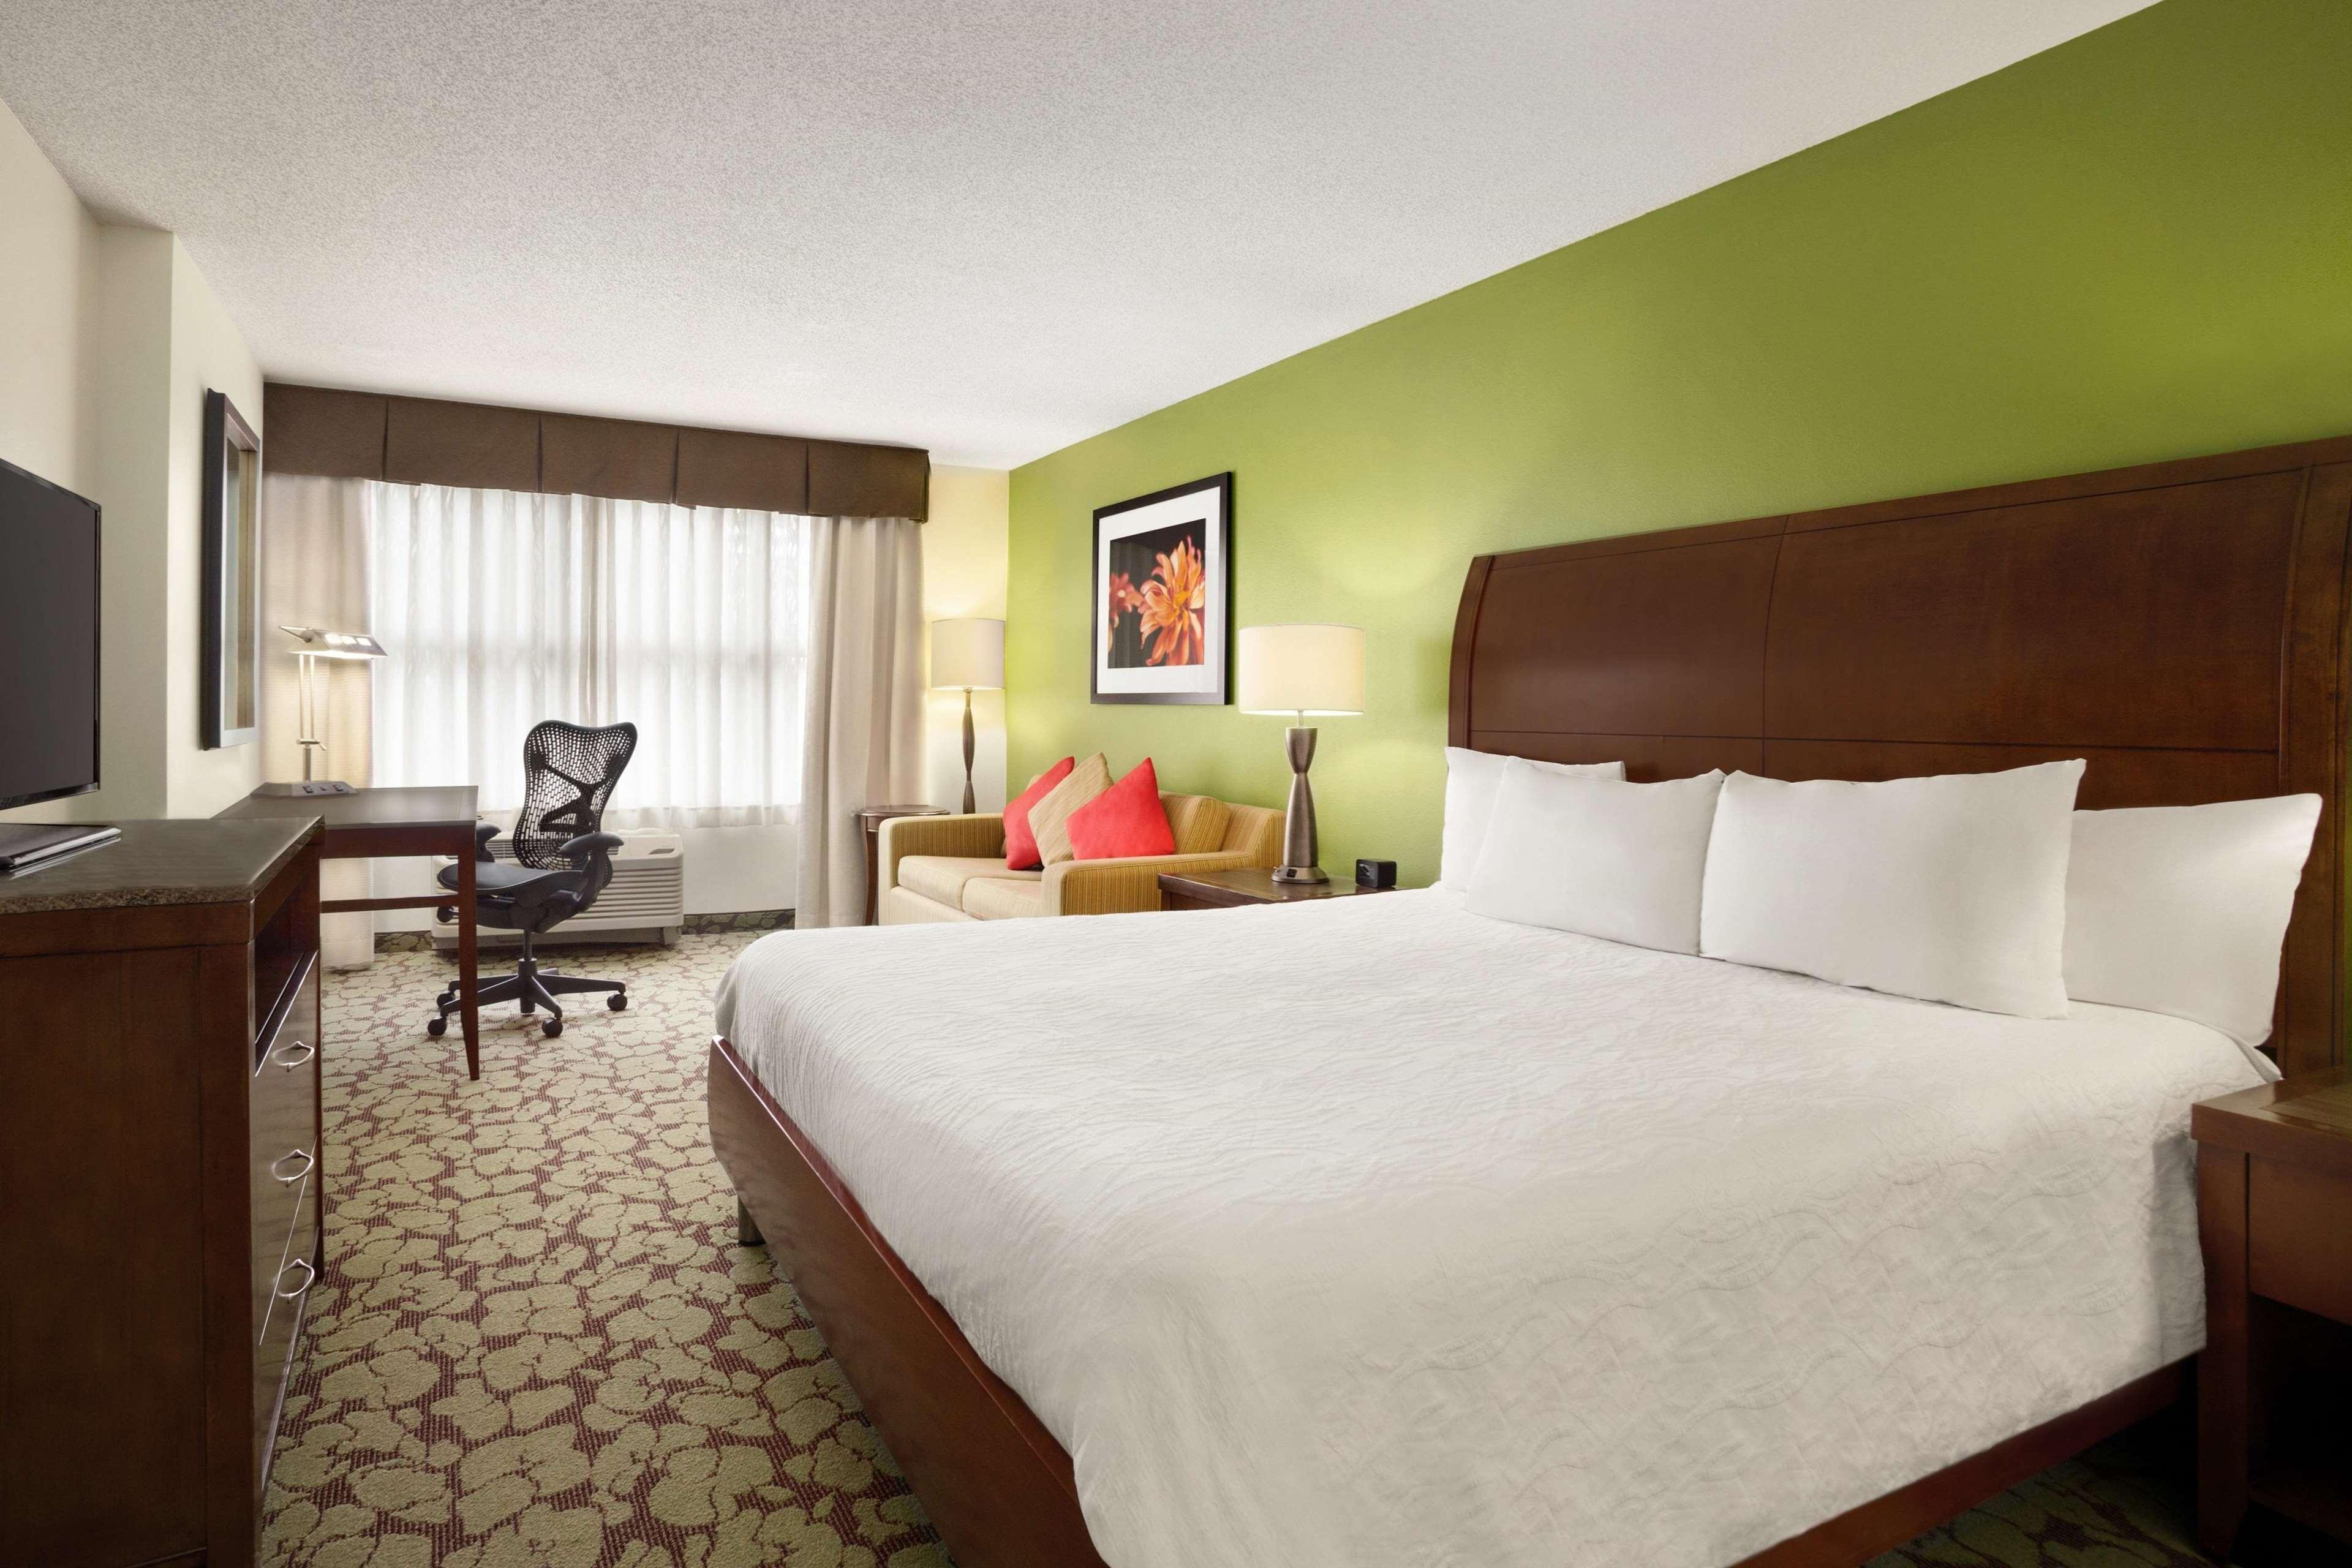 Hilton Garden Inn Atlanta Perimeter Center image 10